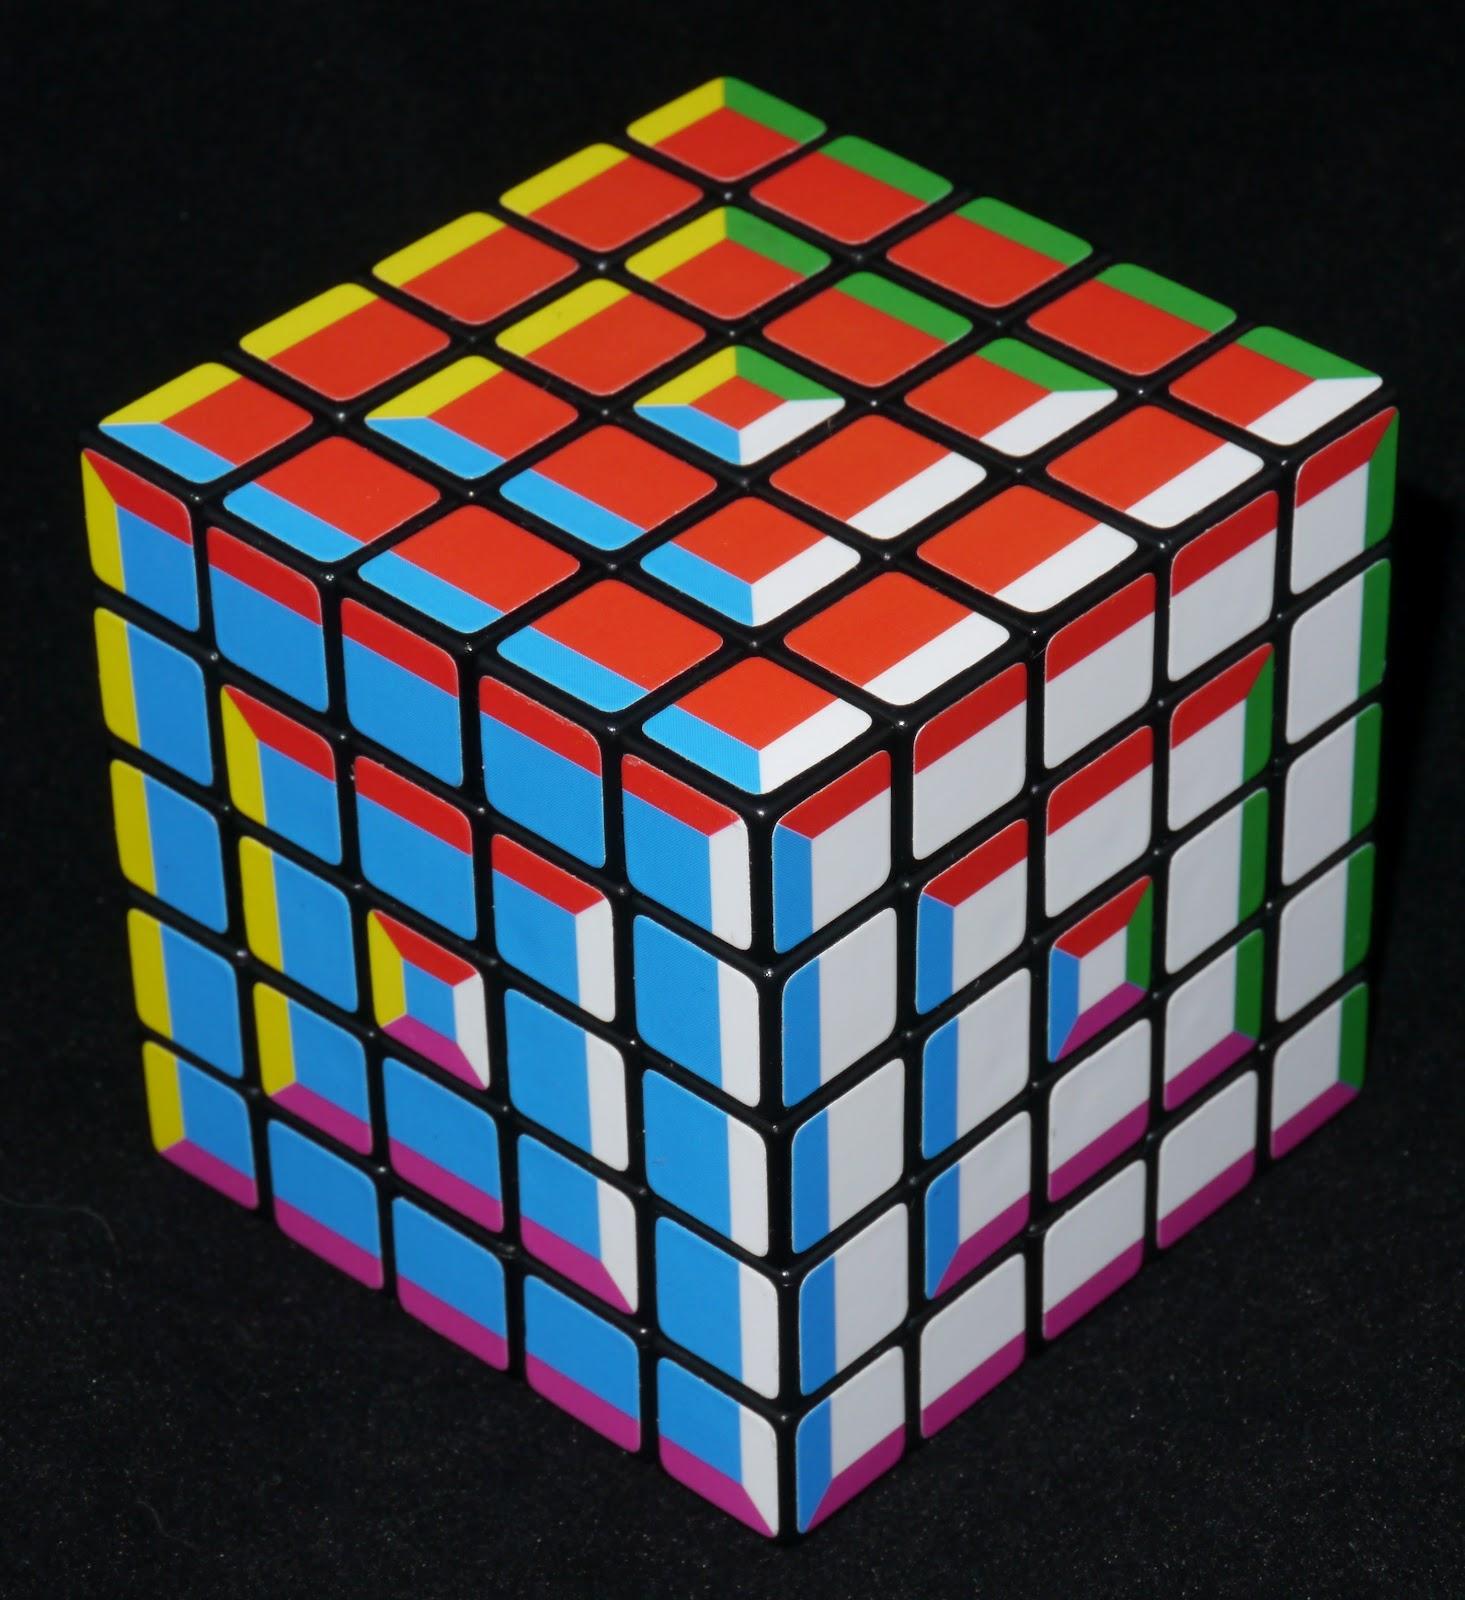 как сделать кубик рубик с фотографиями этой норме